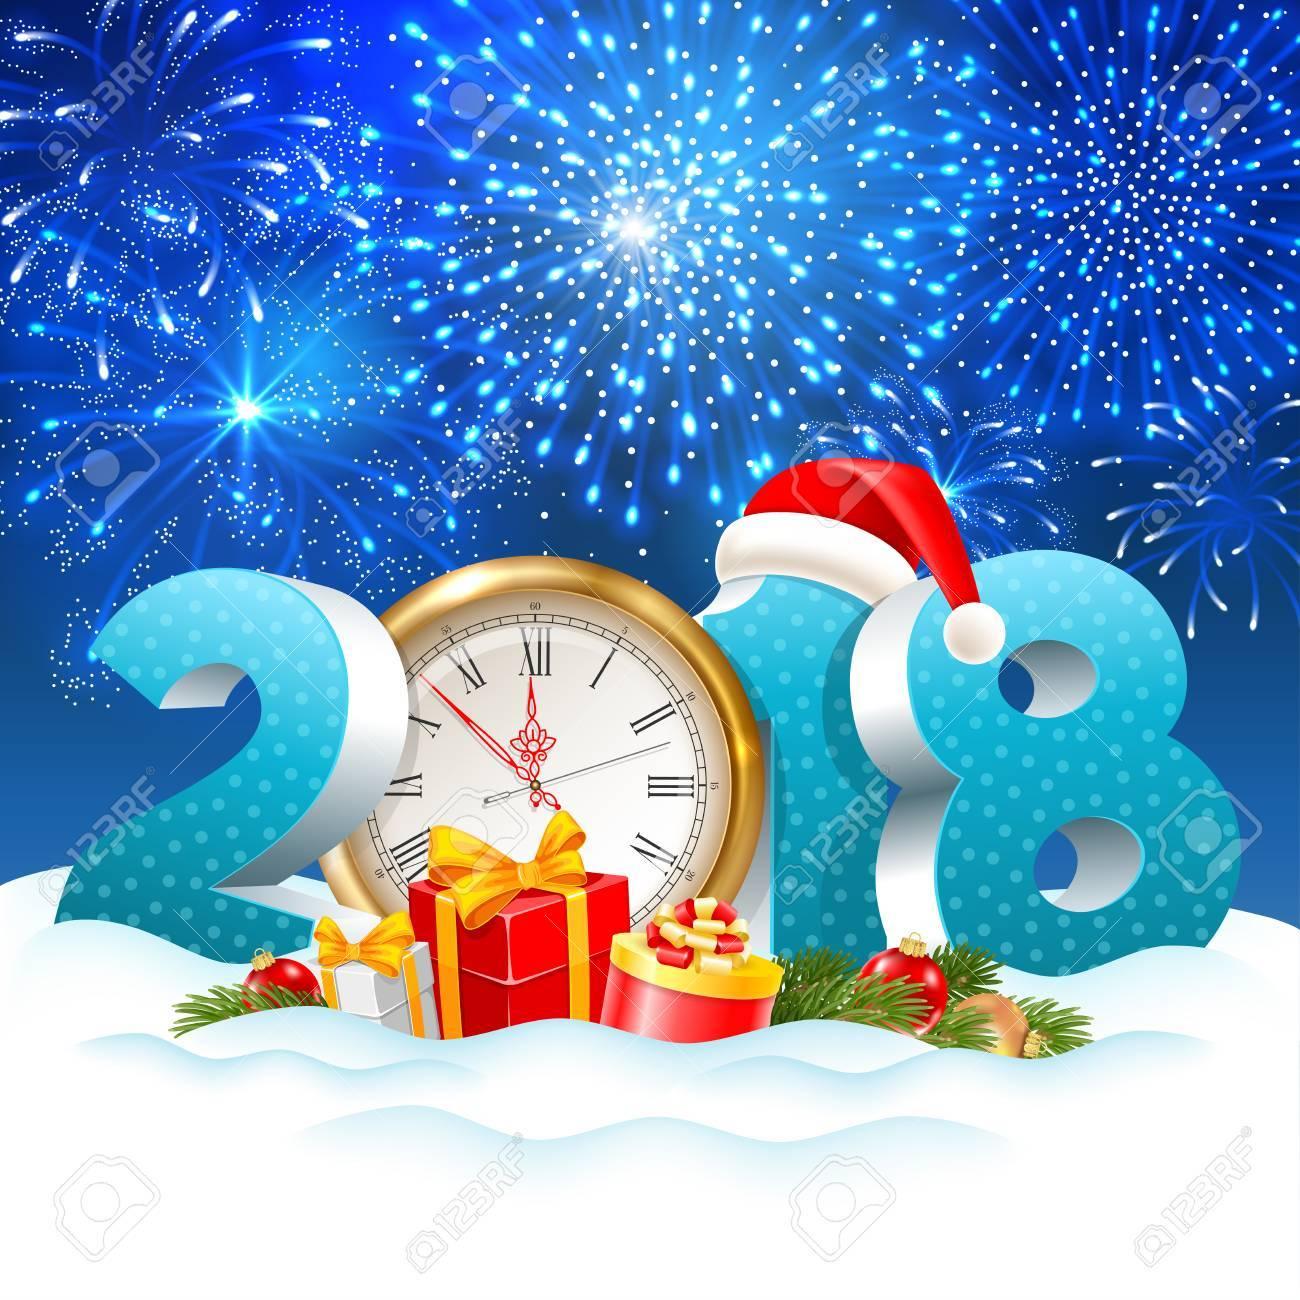 La Navidad Navideña Se Acerca Dígitos Volumétricos 2018 Y Reloj